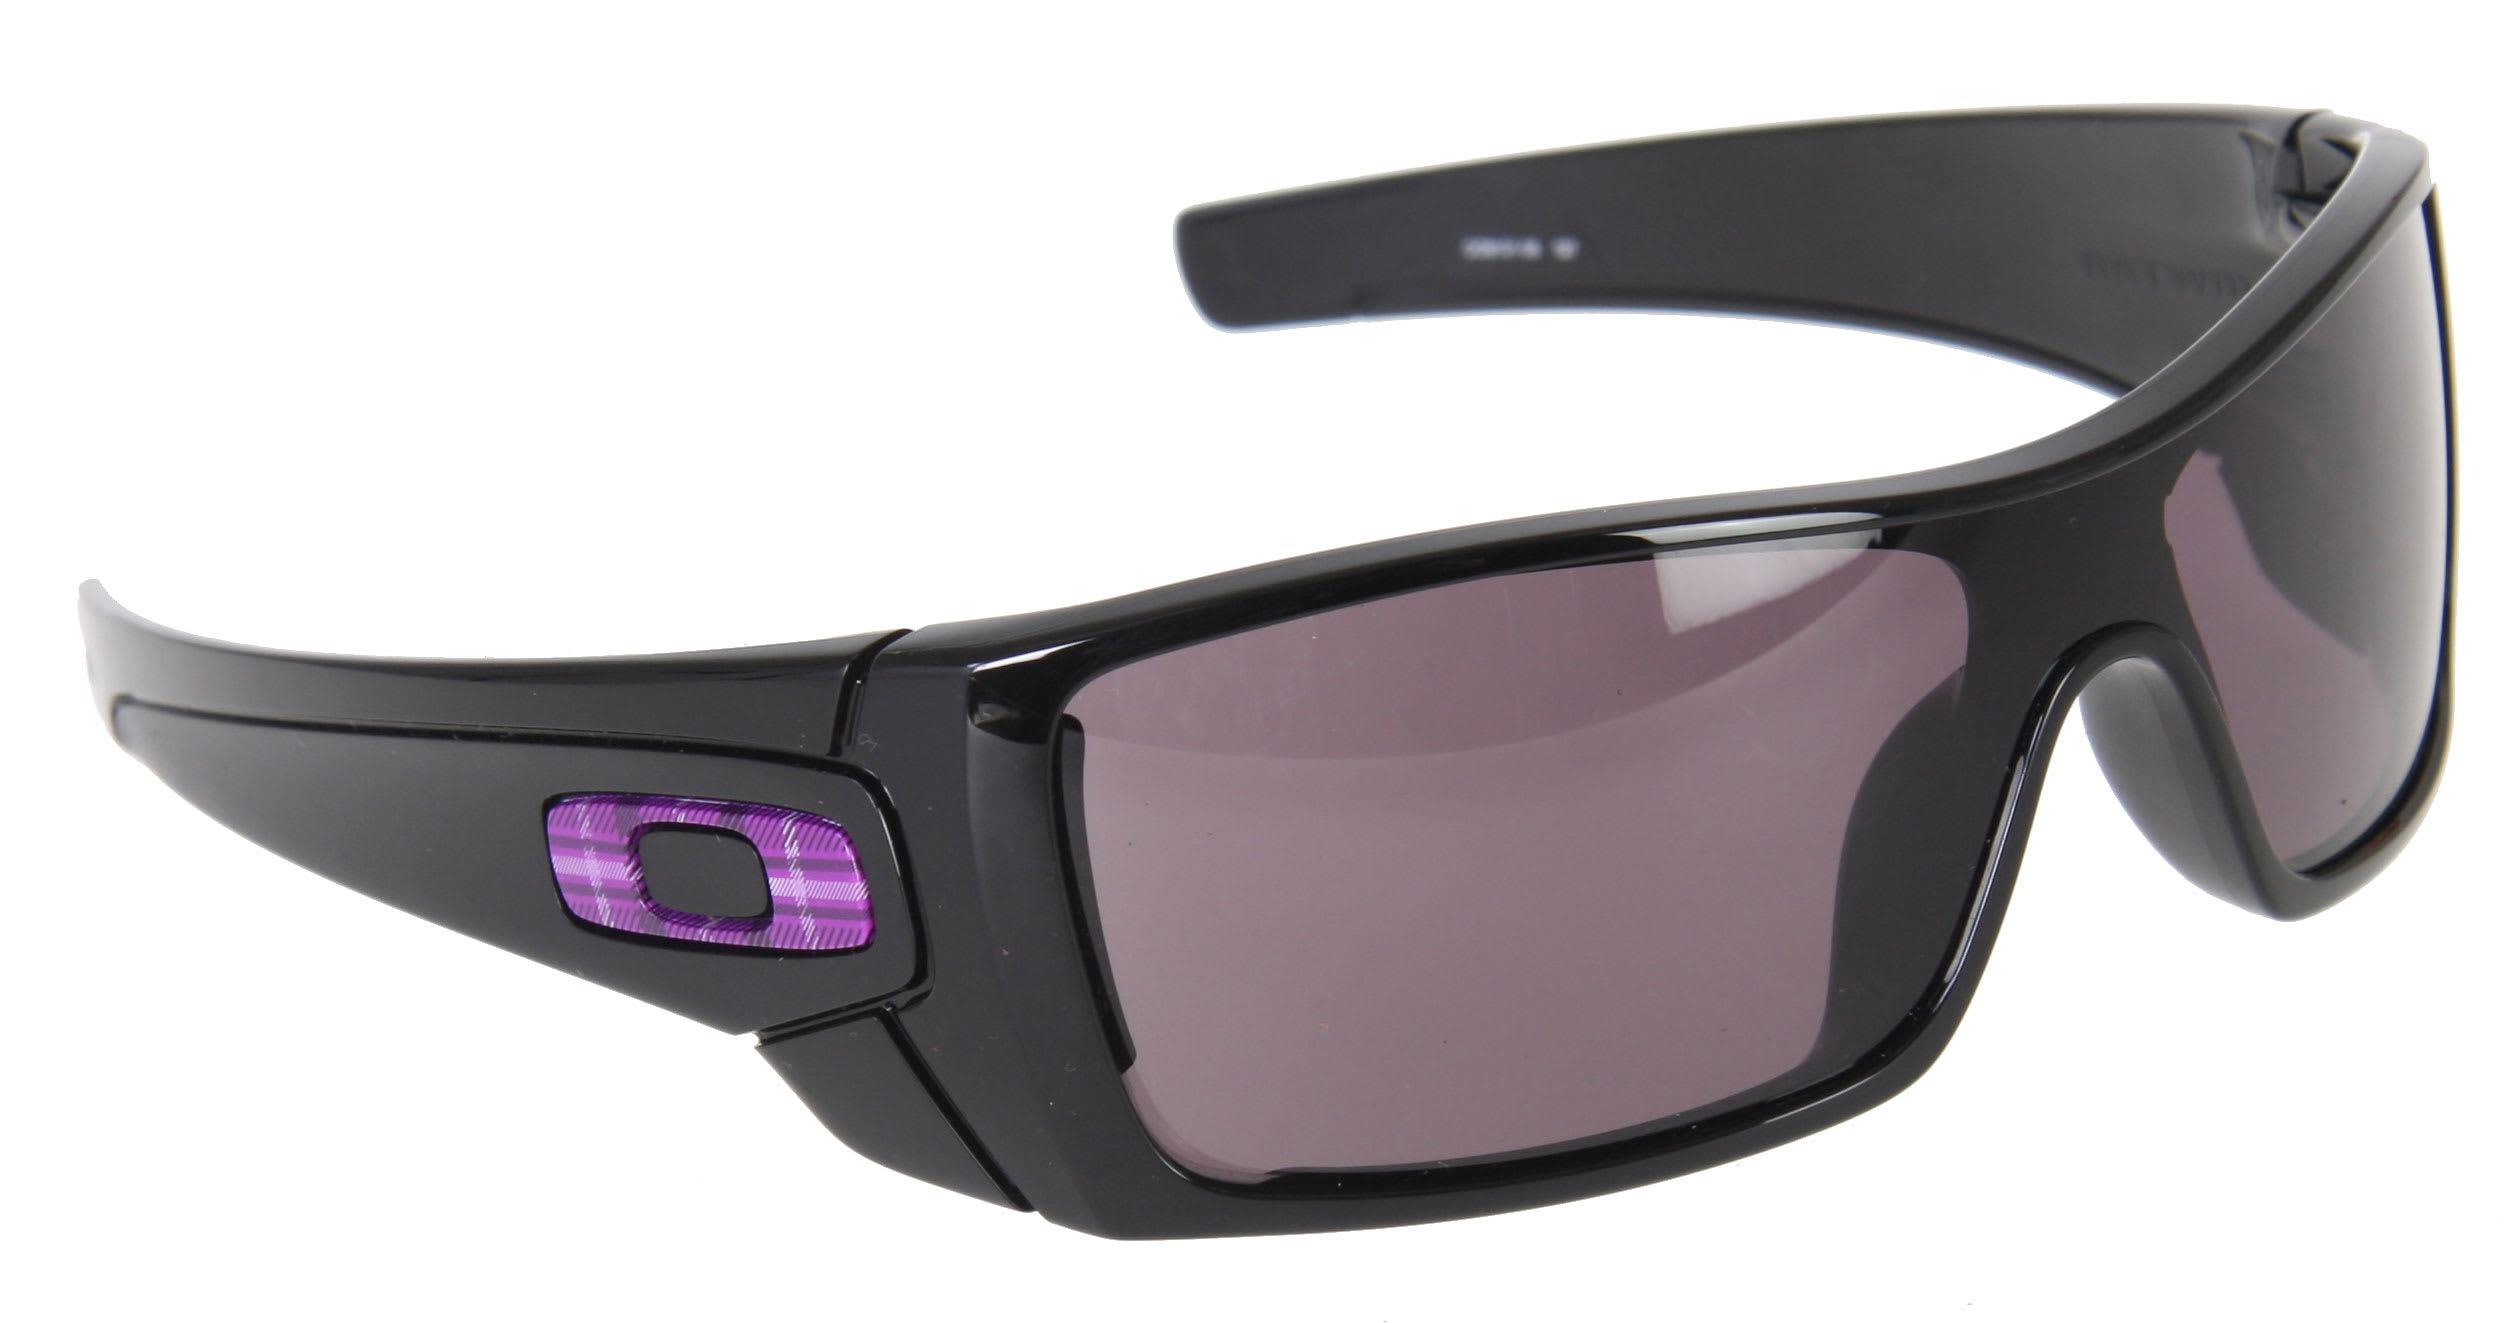 oakley batwolf sunglasses on sale